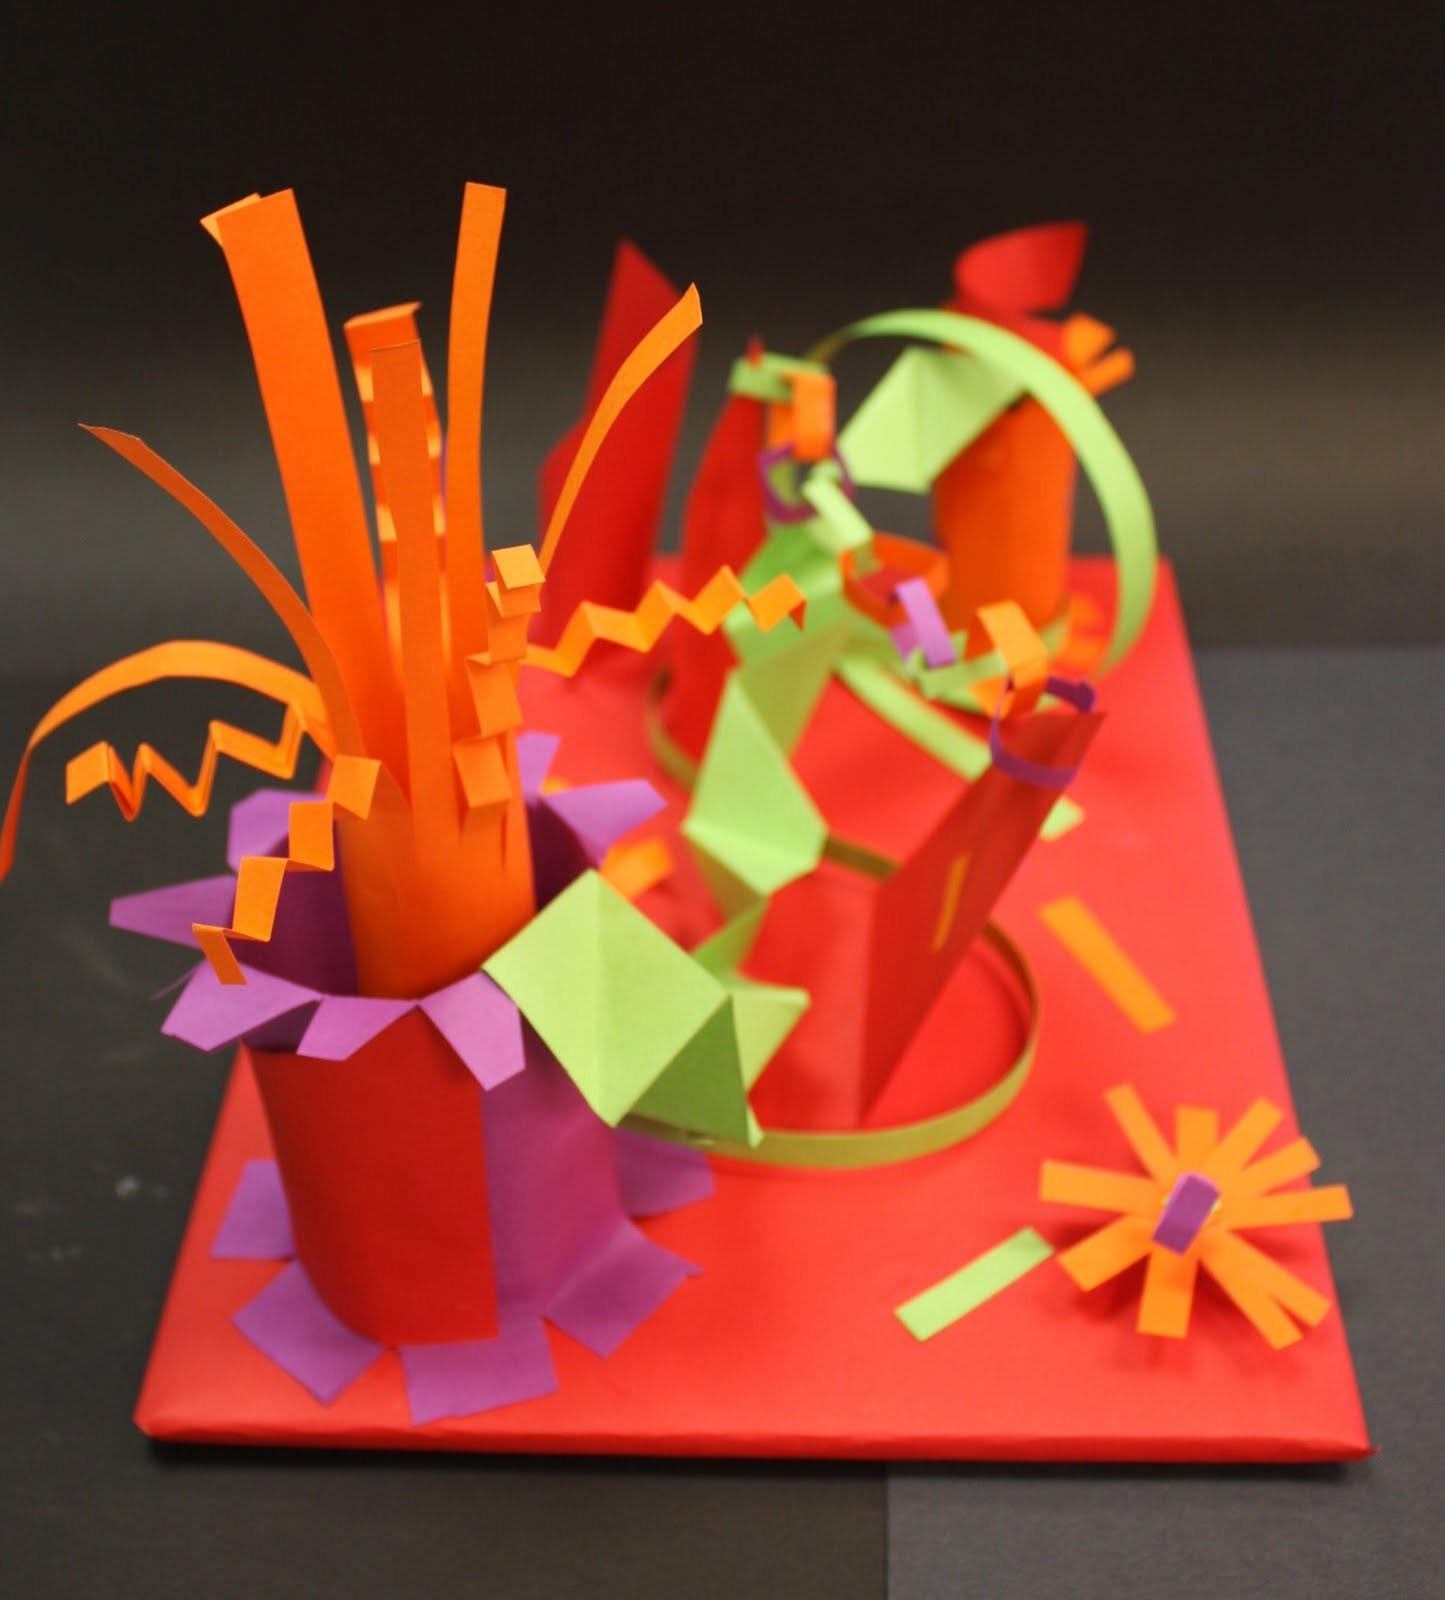 3D Art Projects For Kids  Art for Teachers of Children 130 & 131 271 Paper Sculptures